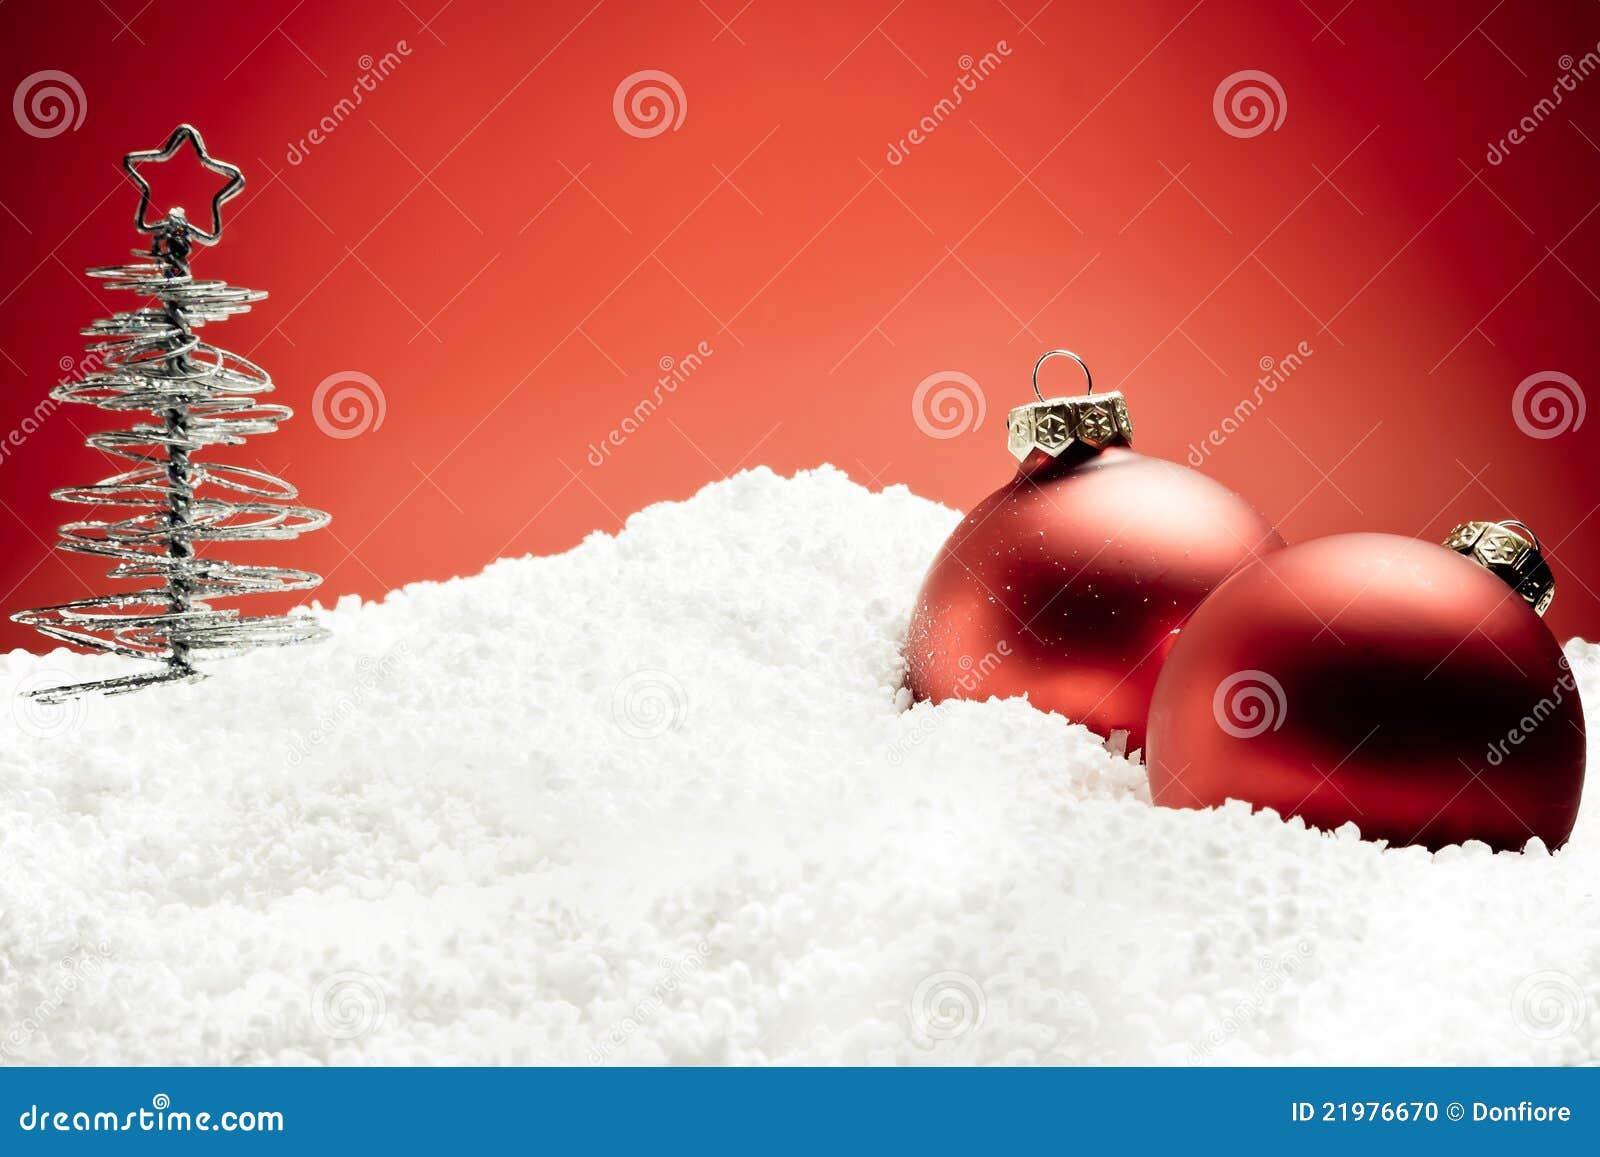 Rbol de navidad cerca de bolas rojas de la decoraci n en for Arbol de navidad con bolas rojas